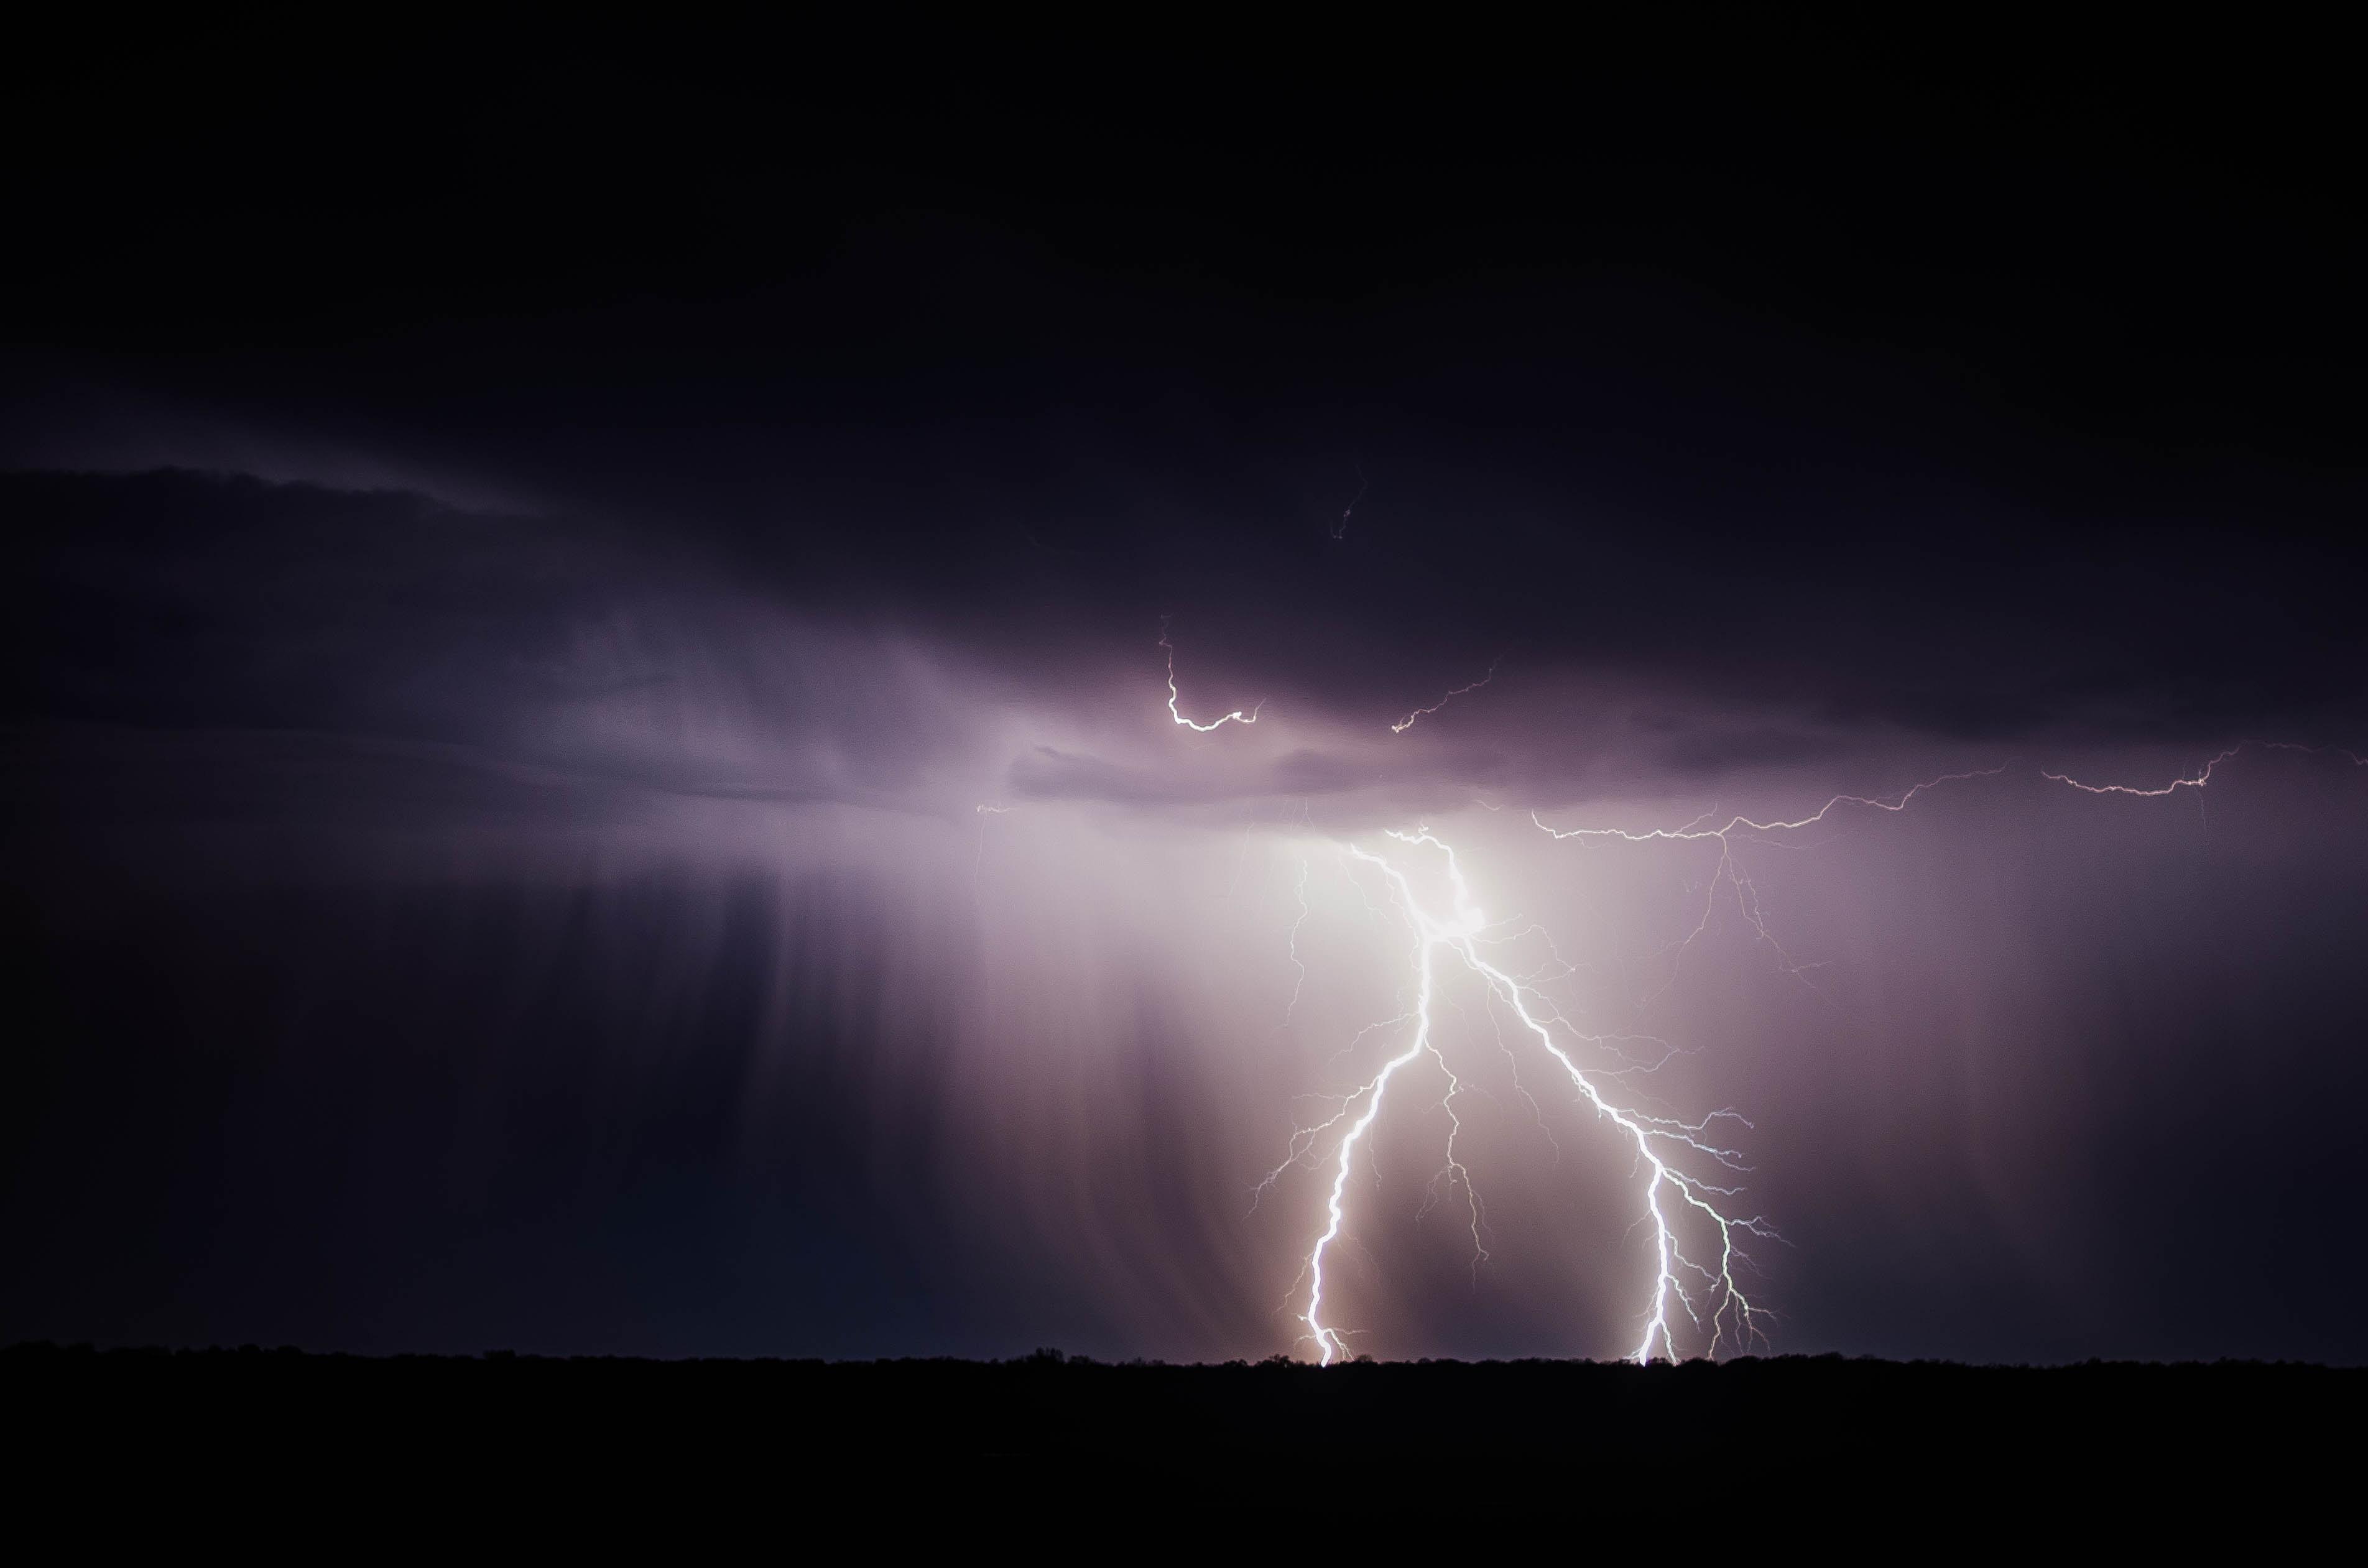 【梅雨到来】雷が鳴っている時、自宅の電気の対策は?